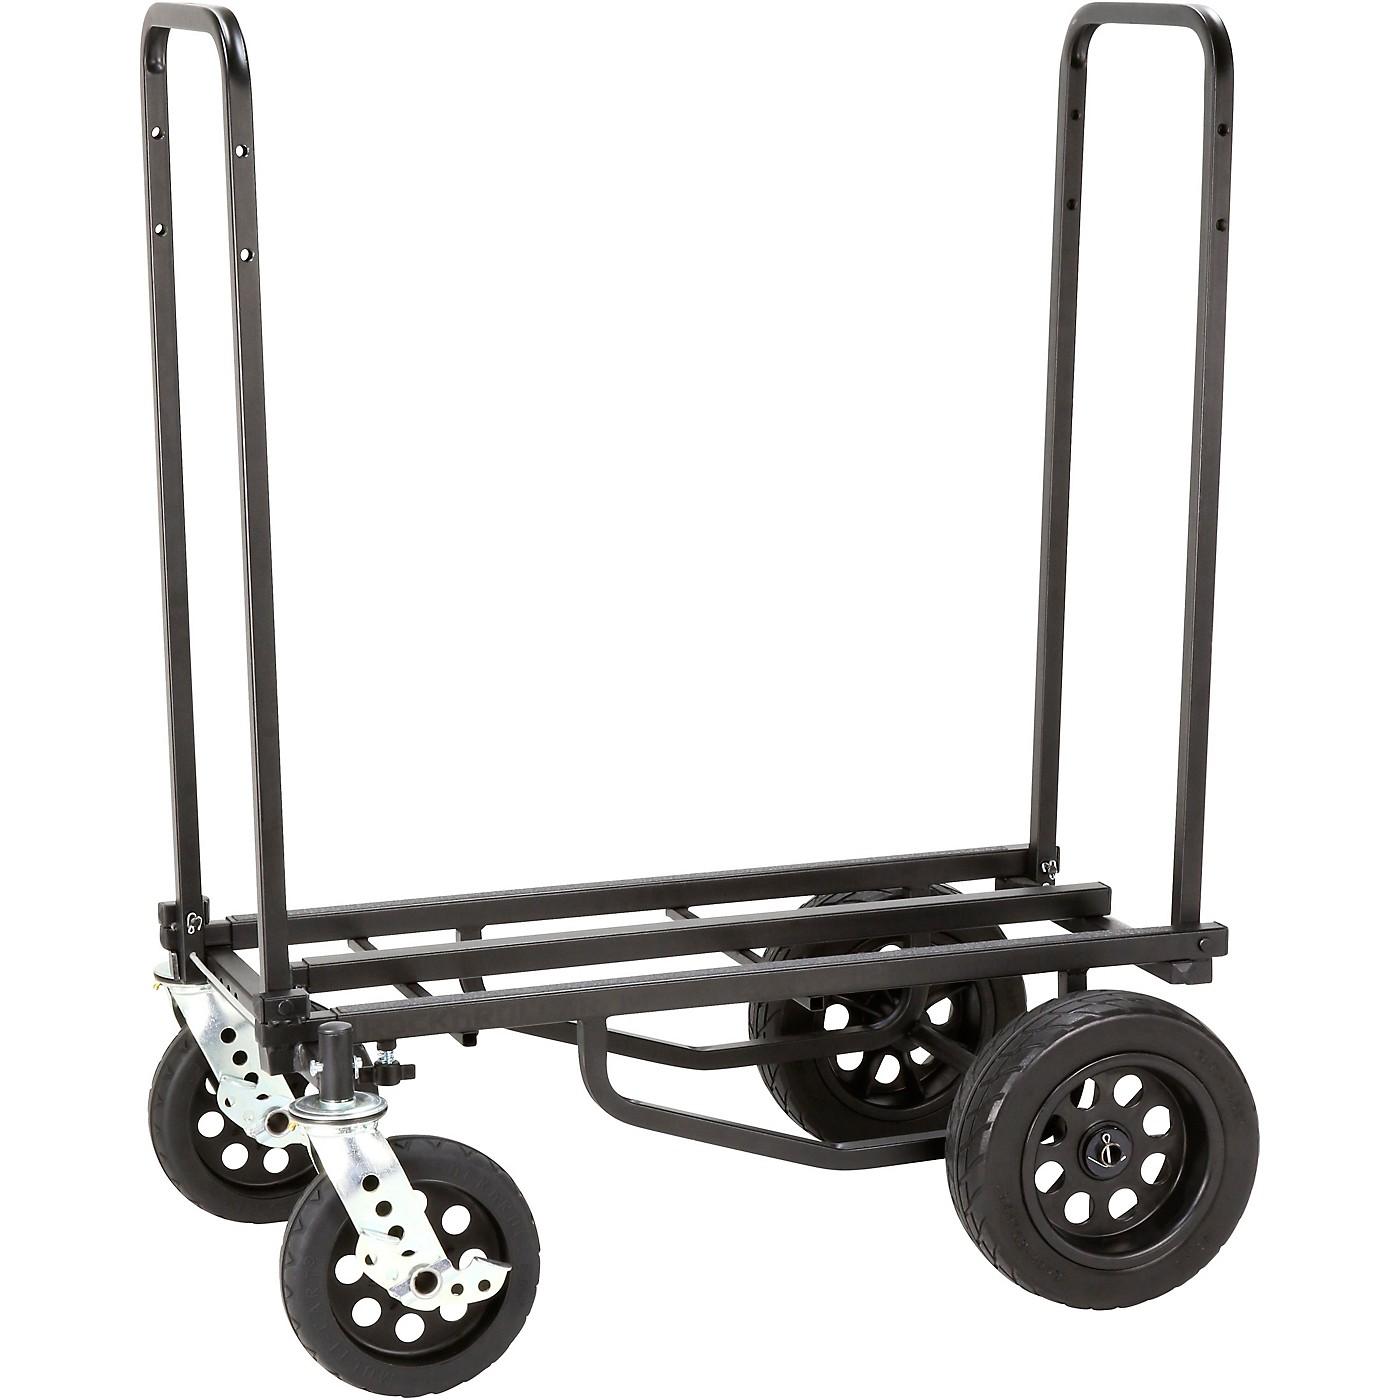 Rock N Roller R12STEALTH Multi-Cart All Terrain with R Trac Wheels - Stealth Black thumbnail